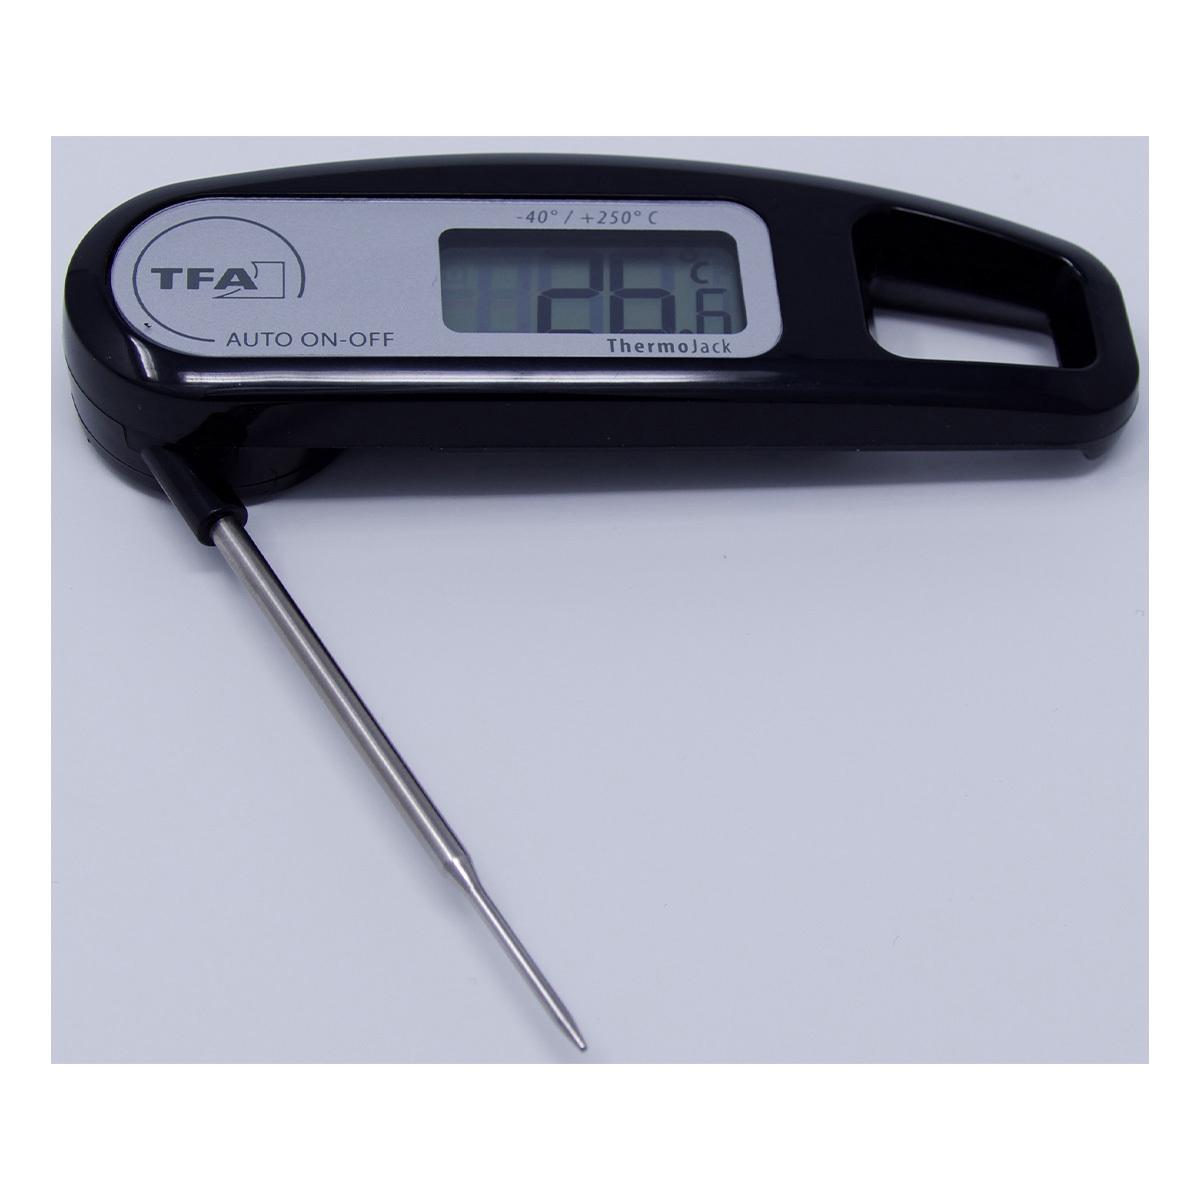 30-1047-01-digitales-einstich-thermometer-thermo-jack-ansicht2-1200x1200px.jpg